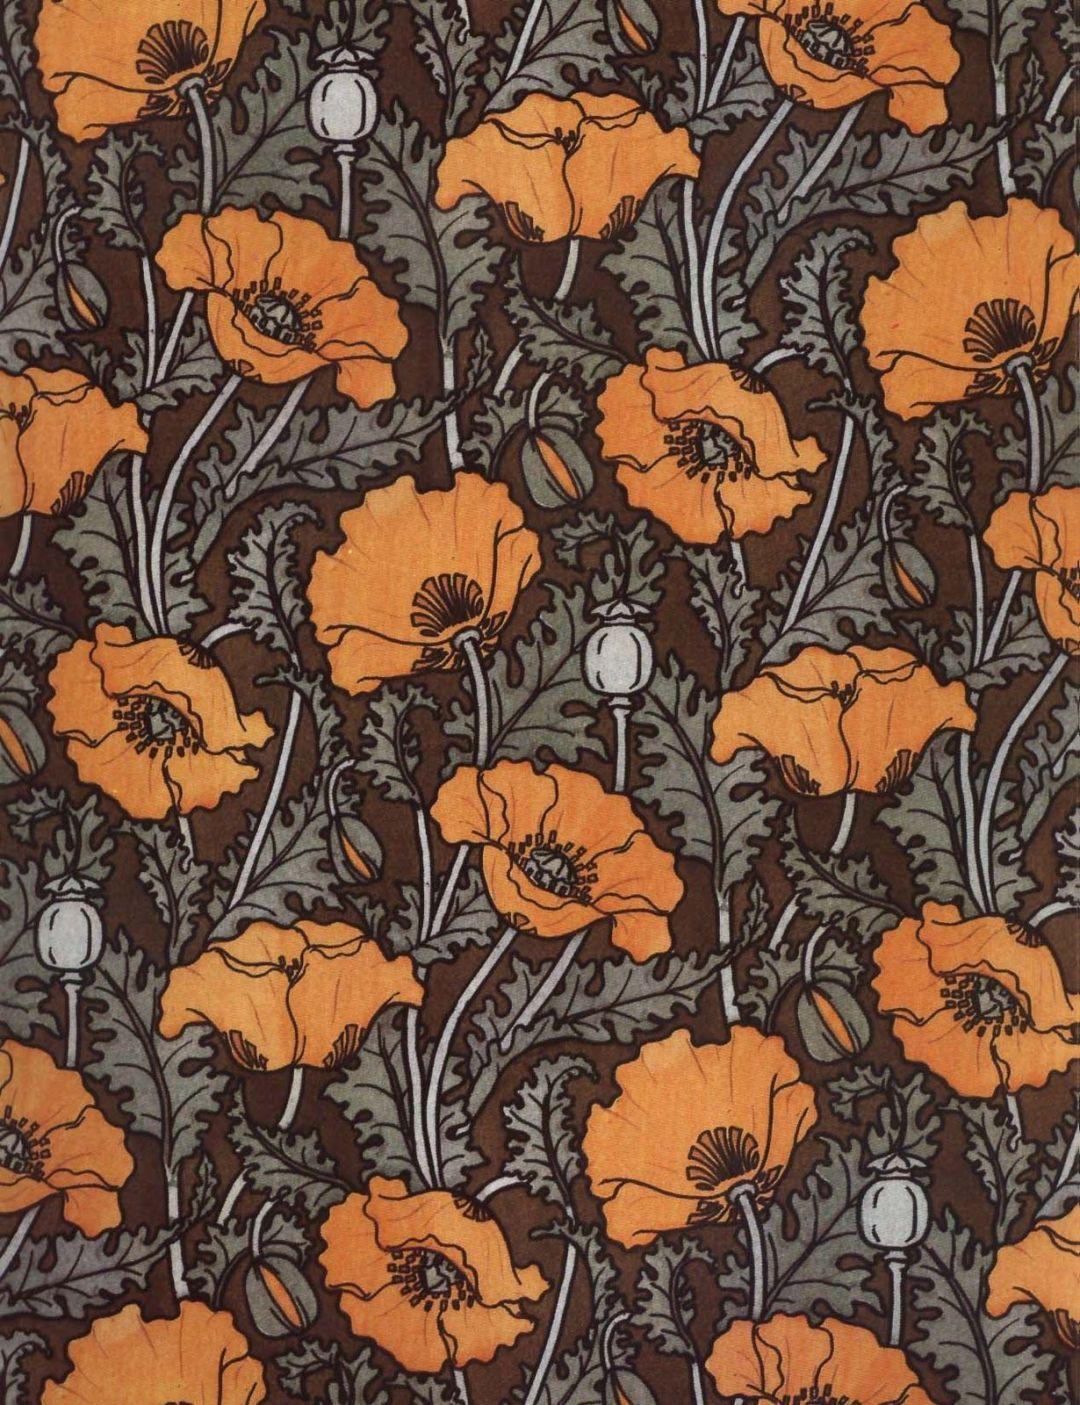 Art Nouveau Android Iphone Desktop Hd Backgrounds Wallpapers 1080p 4k 109884 Hdwallpaper Art Nouveau Wallpaper Art Nouveau Pattern Poppy Wallpaper